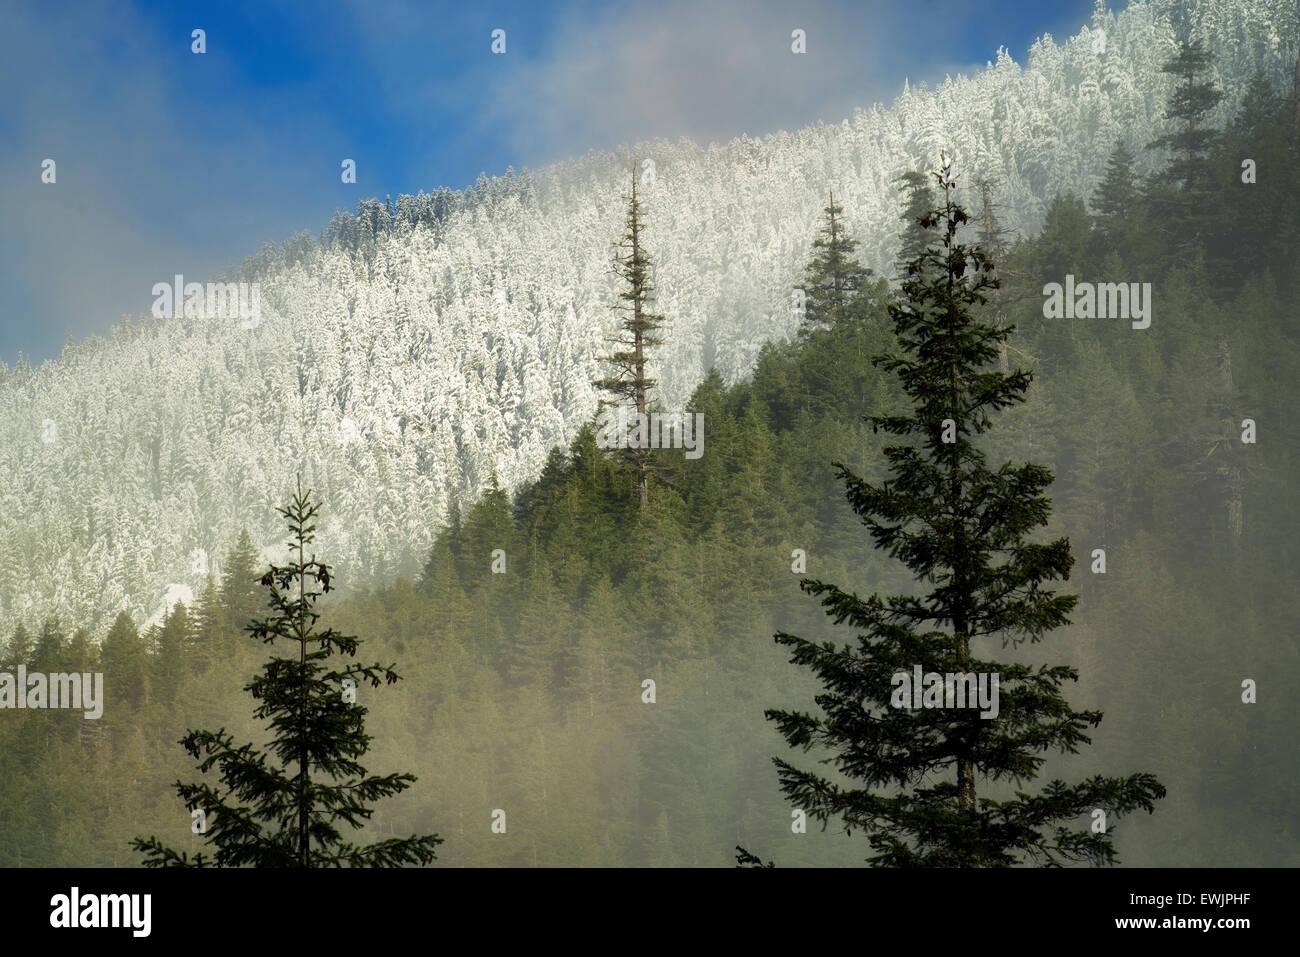 Erster Schnee in den Bergen in der Nähe von Opal Creek. Oregon Cascade Mountains. Stockbild